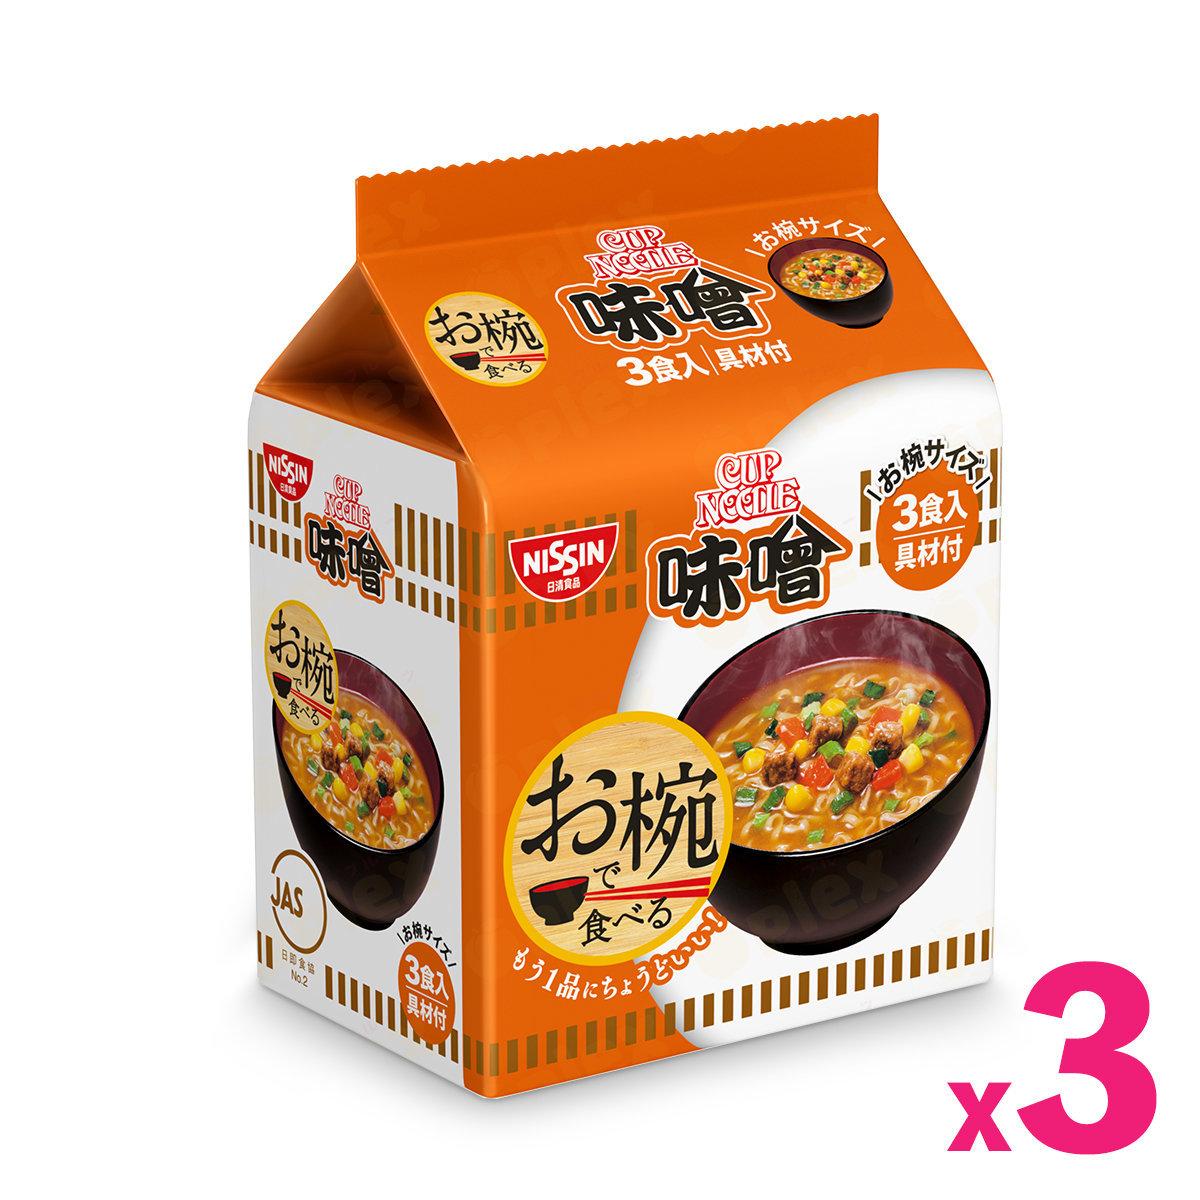 快熟碗麵 - 味噌味 (3份入) x 3包